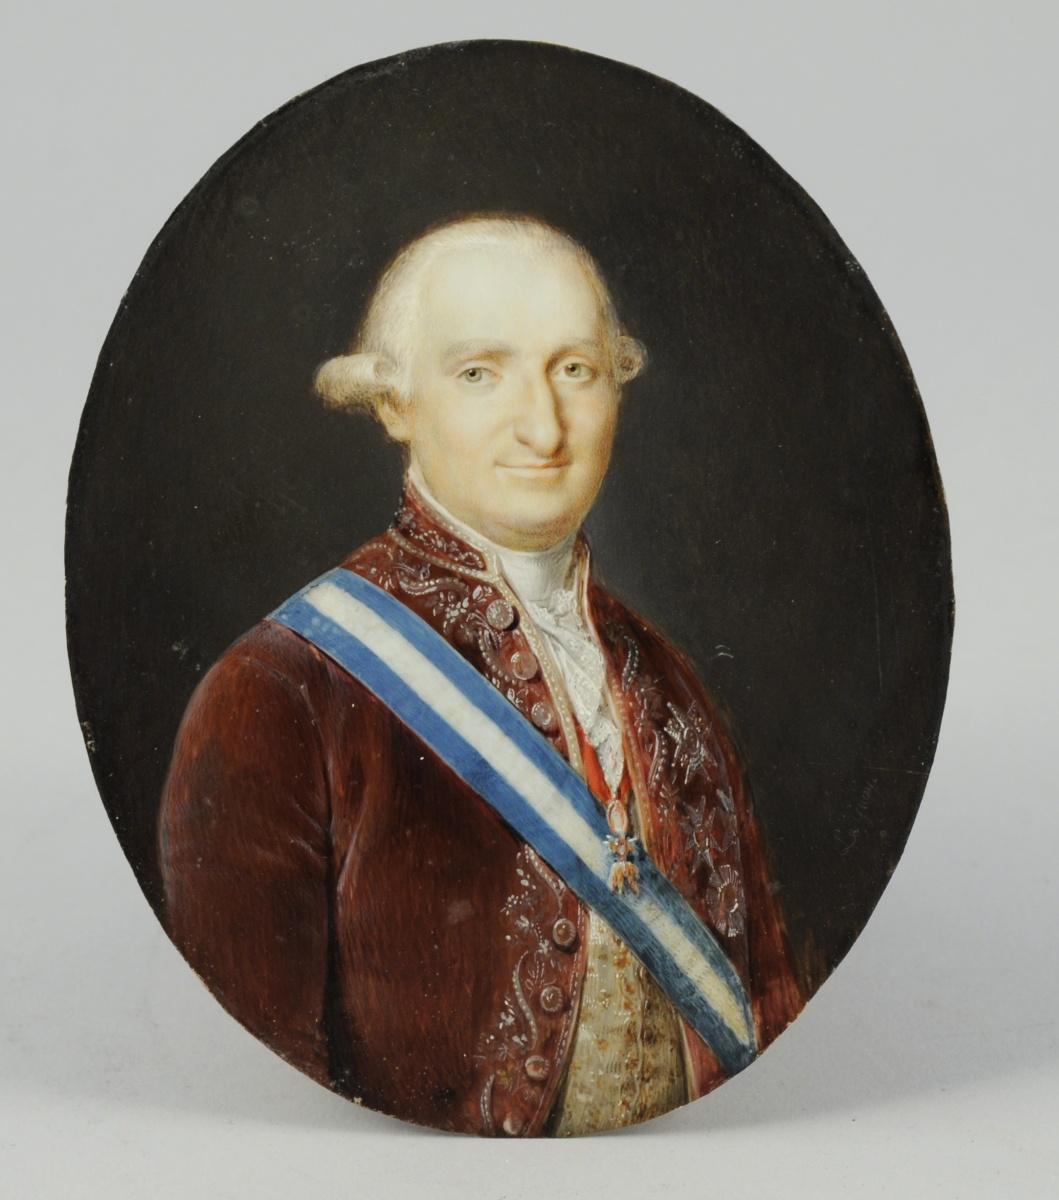 International Portrait Gallery: Miniatura del Rey Carlos IV de España